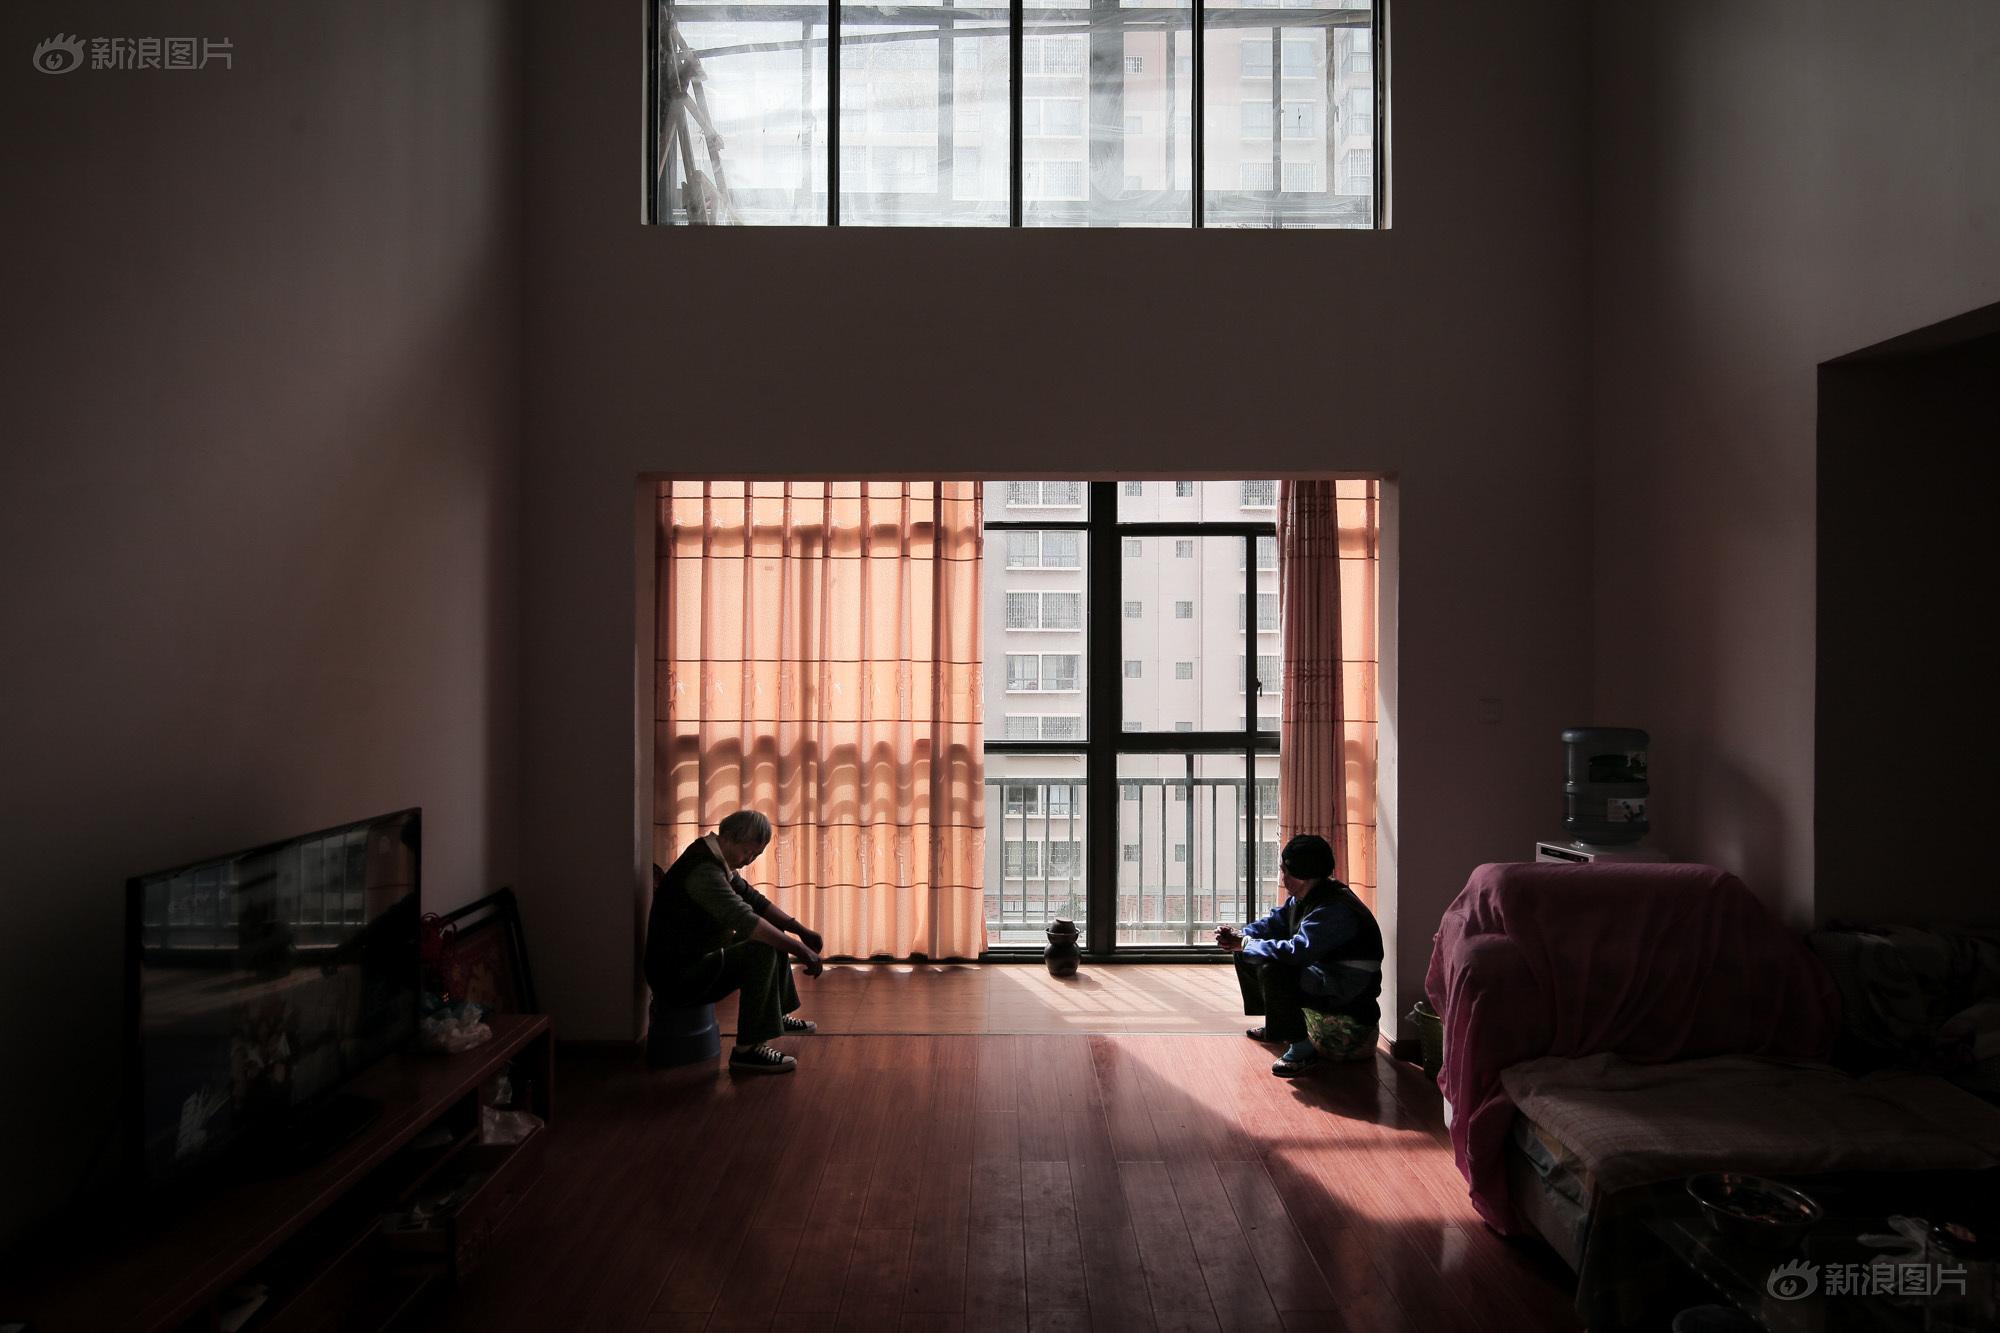 冯先生的新家在沐春园小区,是复式结构,大厅有两层楼高,他与爱人和妈妈同住。新家空间是宽阔了,但冯先生说,还是过得不习惯。冯老太太接近90岁,腿脚不利索了,在家里,也就习惯在阳台晒晒太阳、远眺窗外。老太太说,在高楼之间,能看见以前中庄的村子。